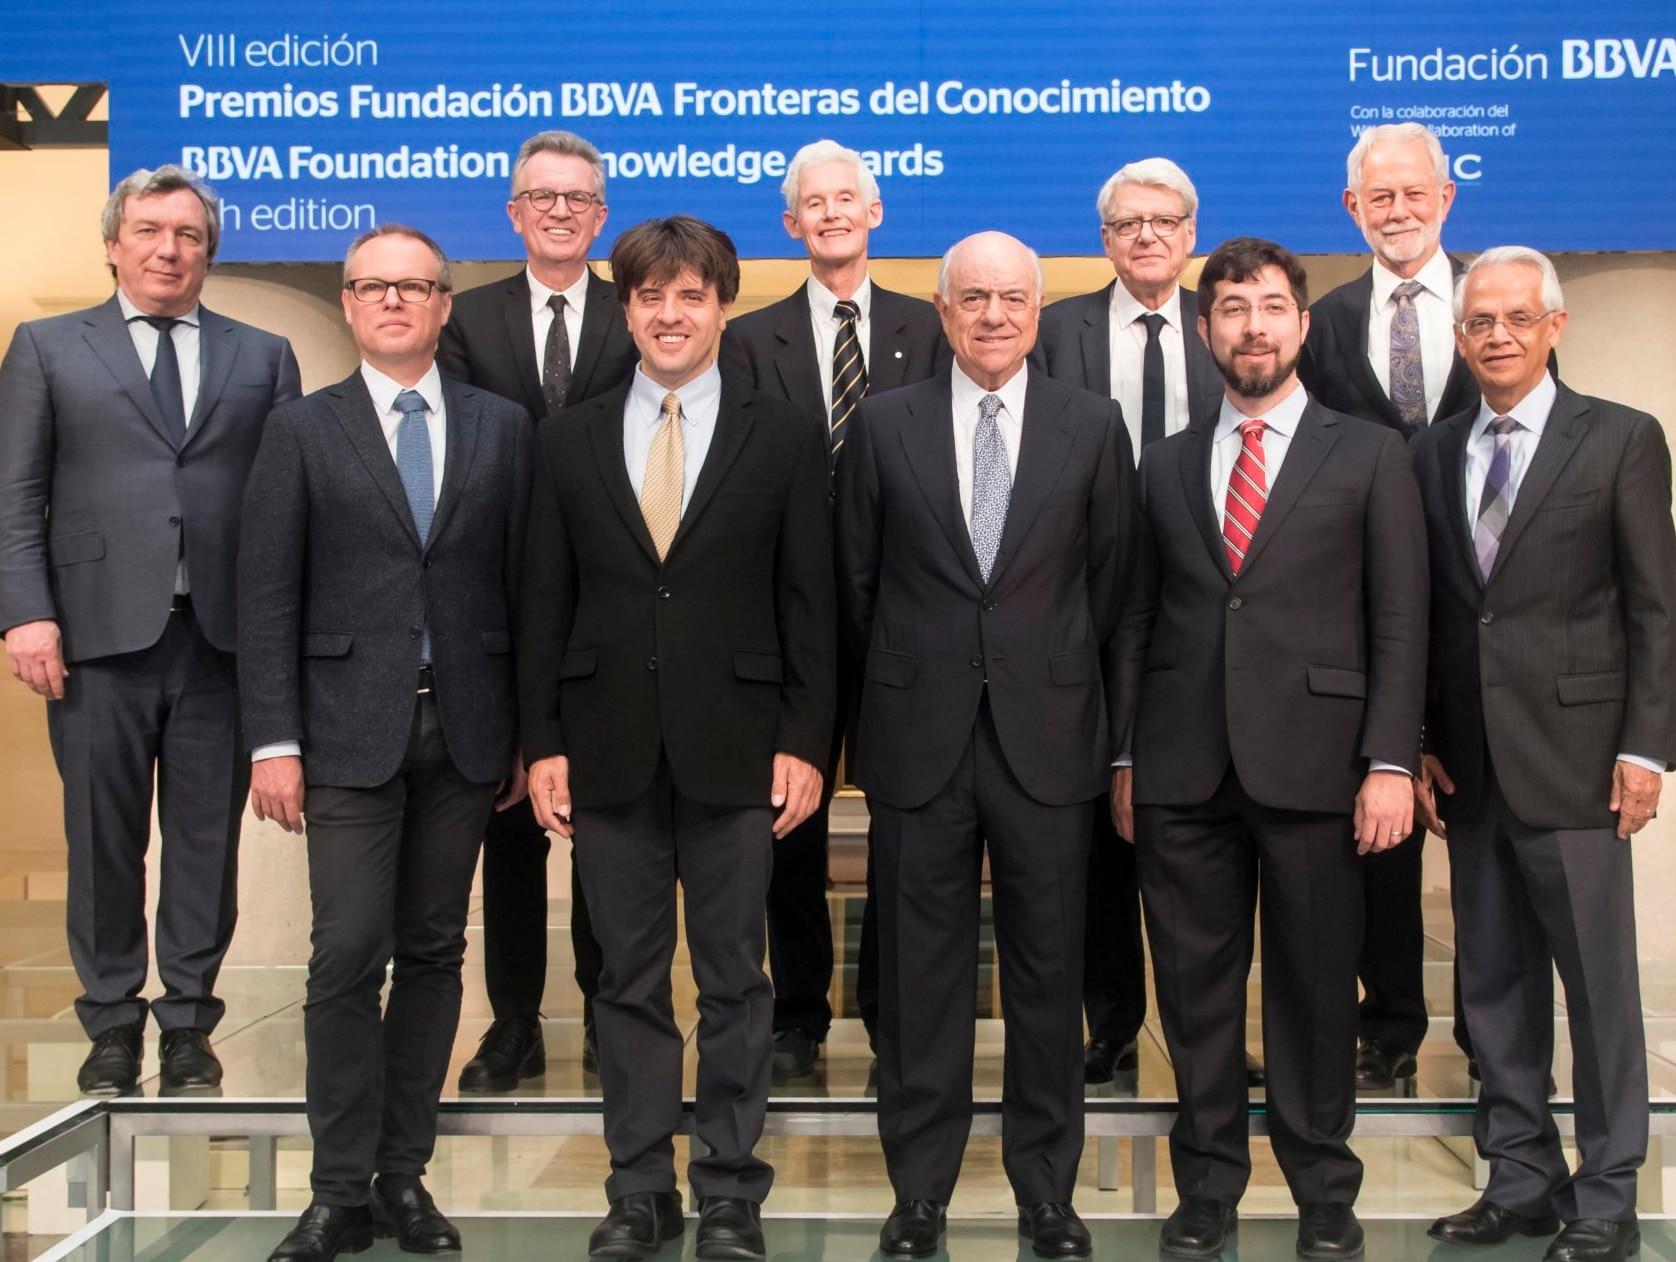 premios-fronteras-del-conocimiento-investigacion-2016-bbva